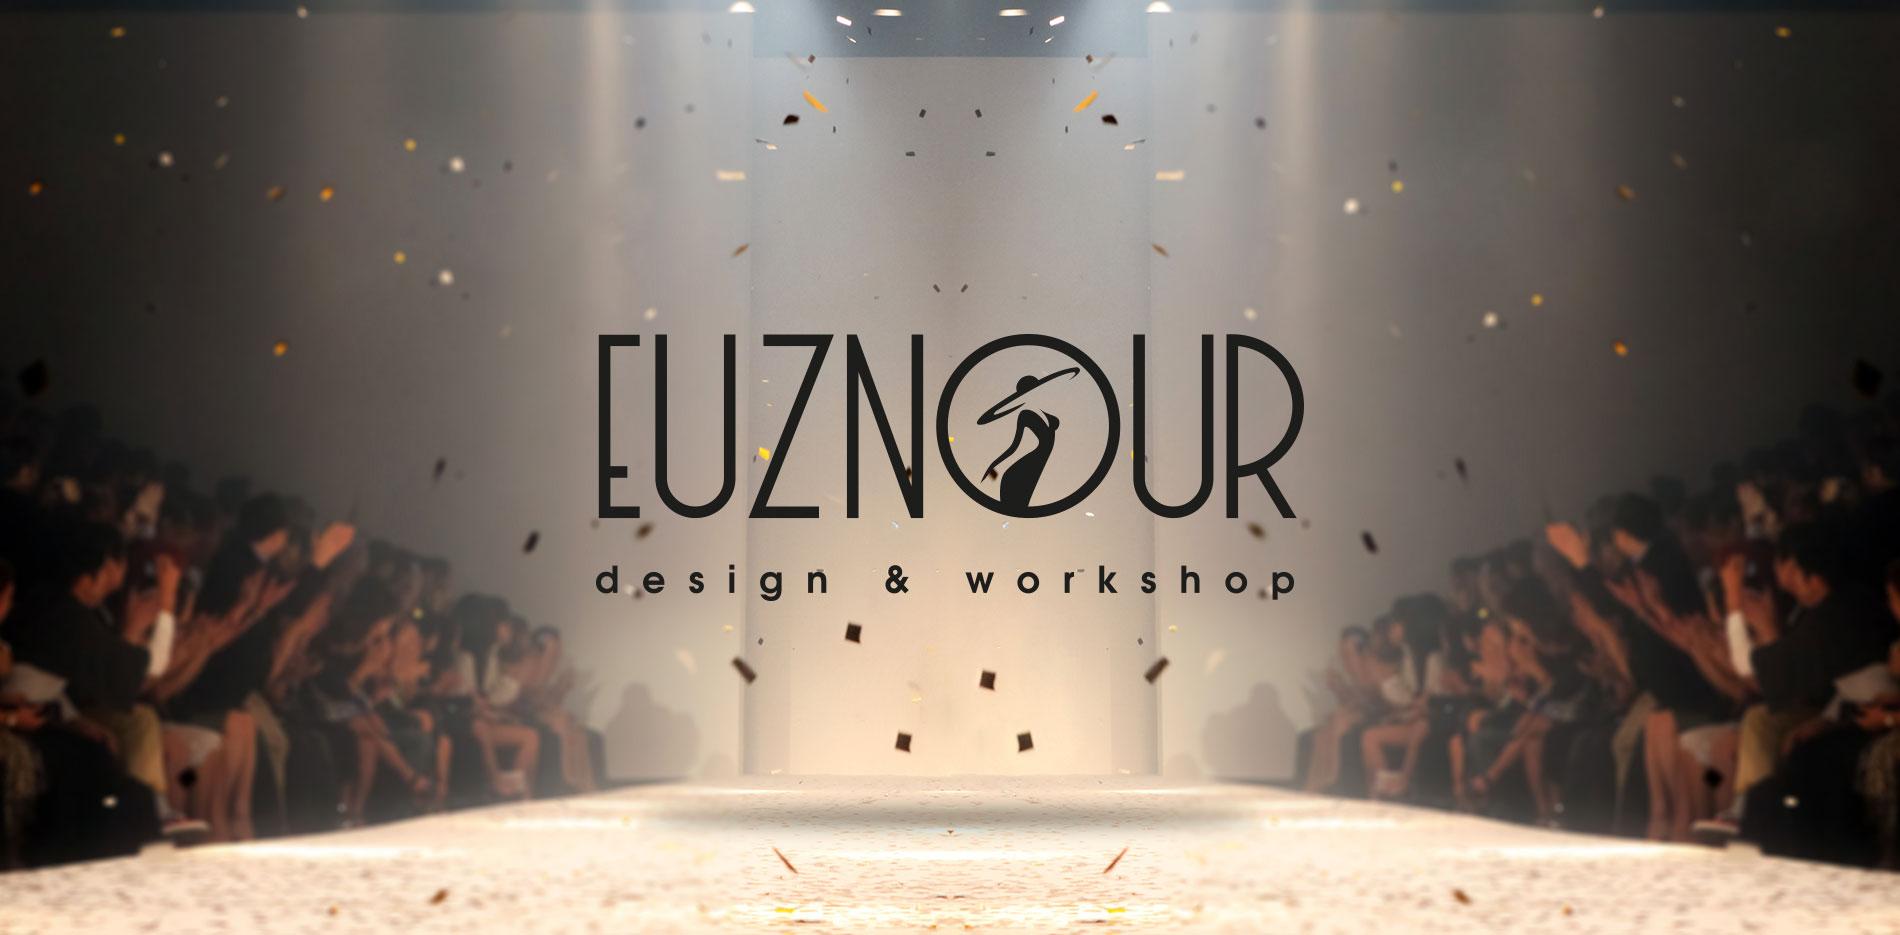 euznour haute couture